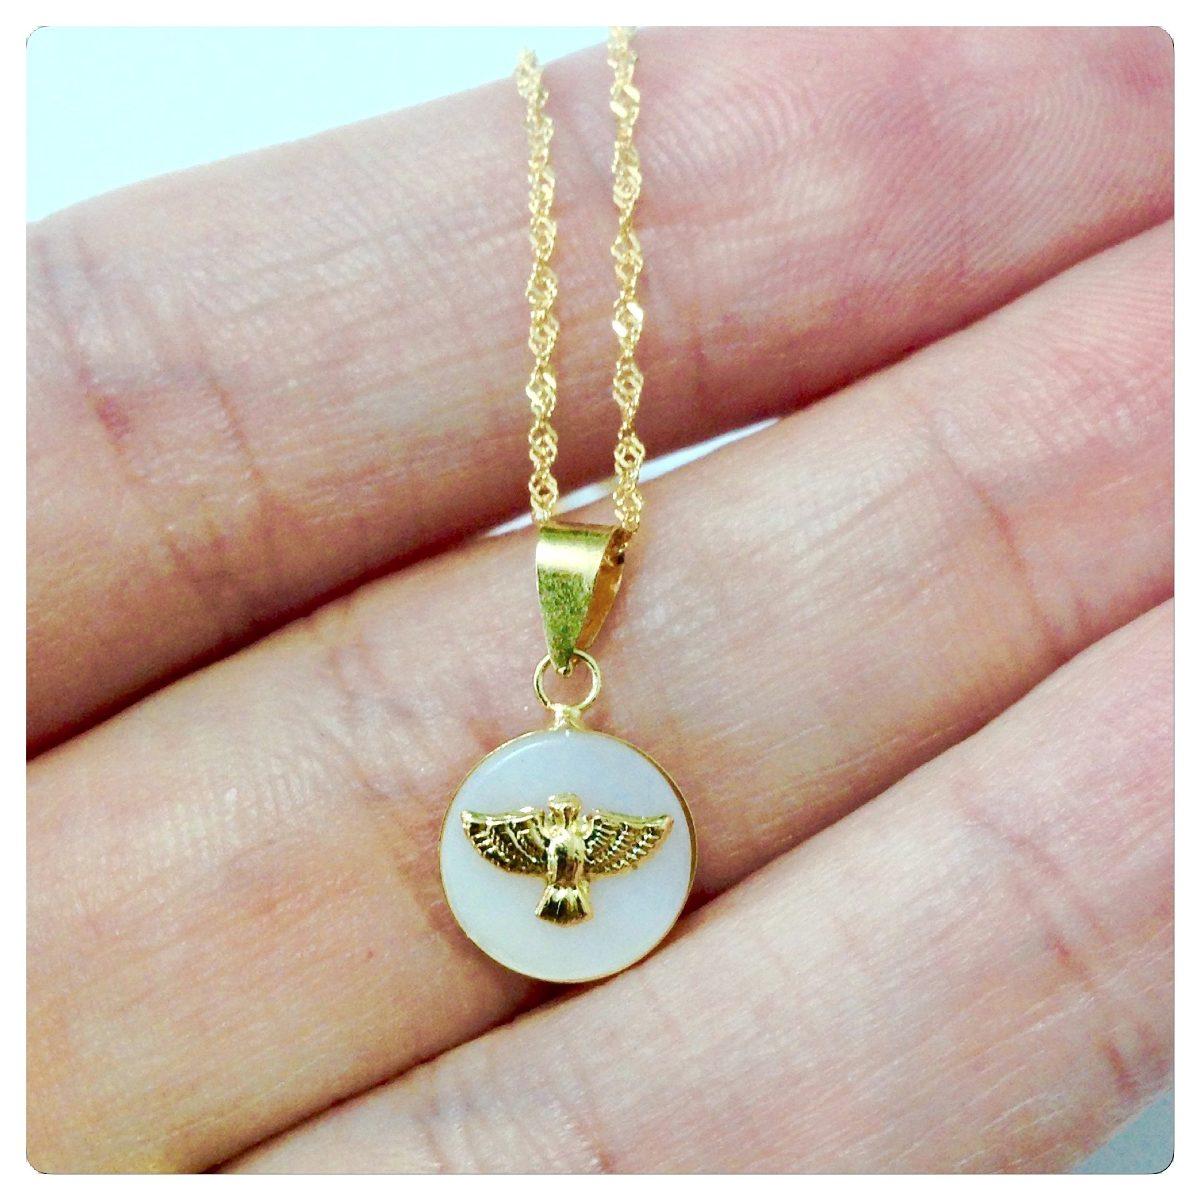 103942fd6a902 joia cordão e pingente espirito santo madrepérola ouro 18k. Carregando zoom.